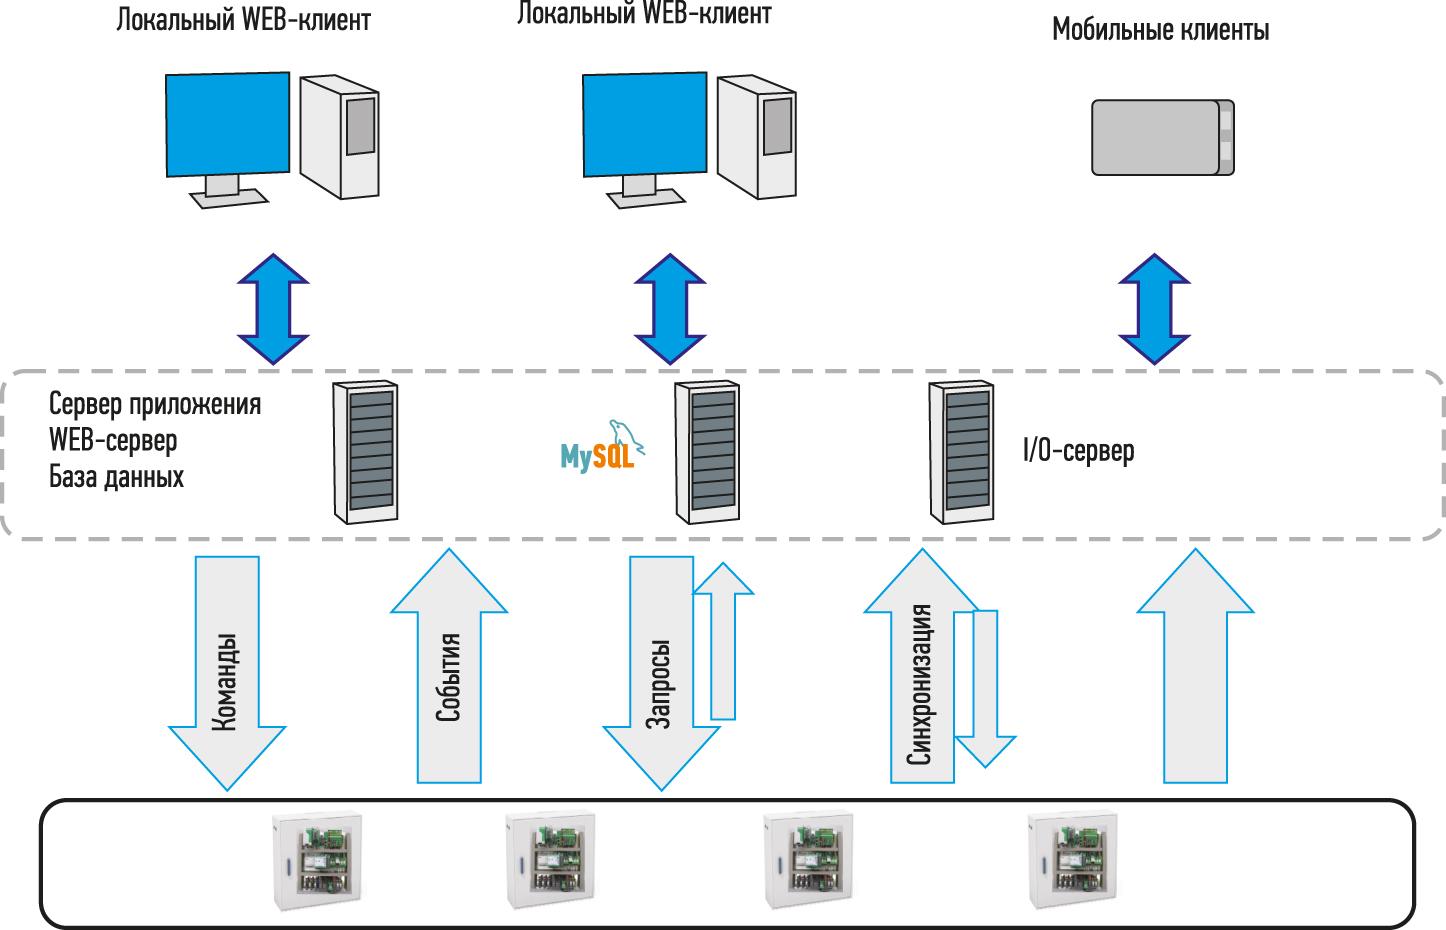 Архитектура системы диспетчеризации управление освещением